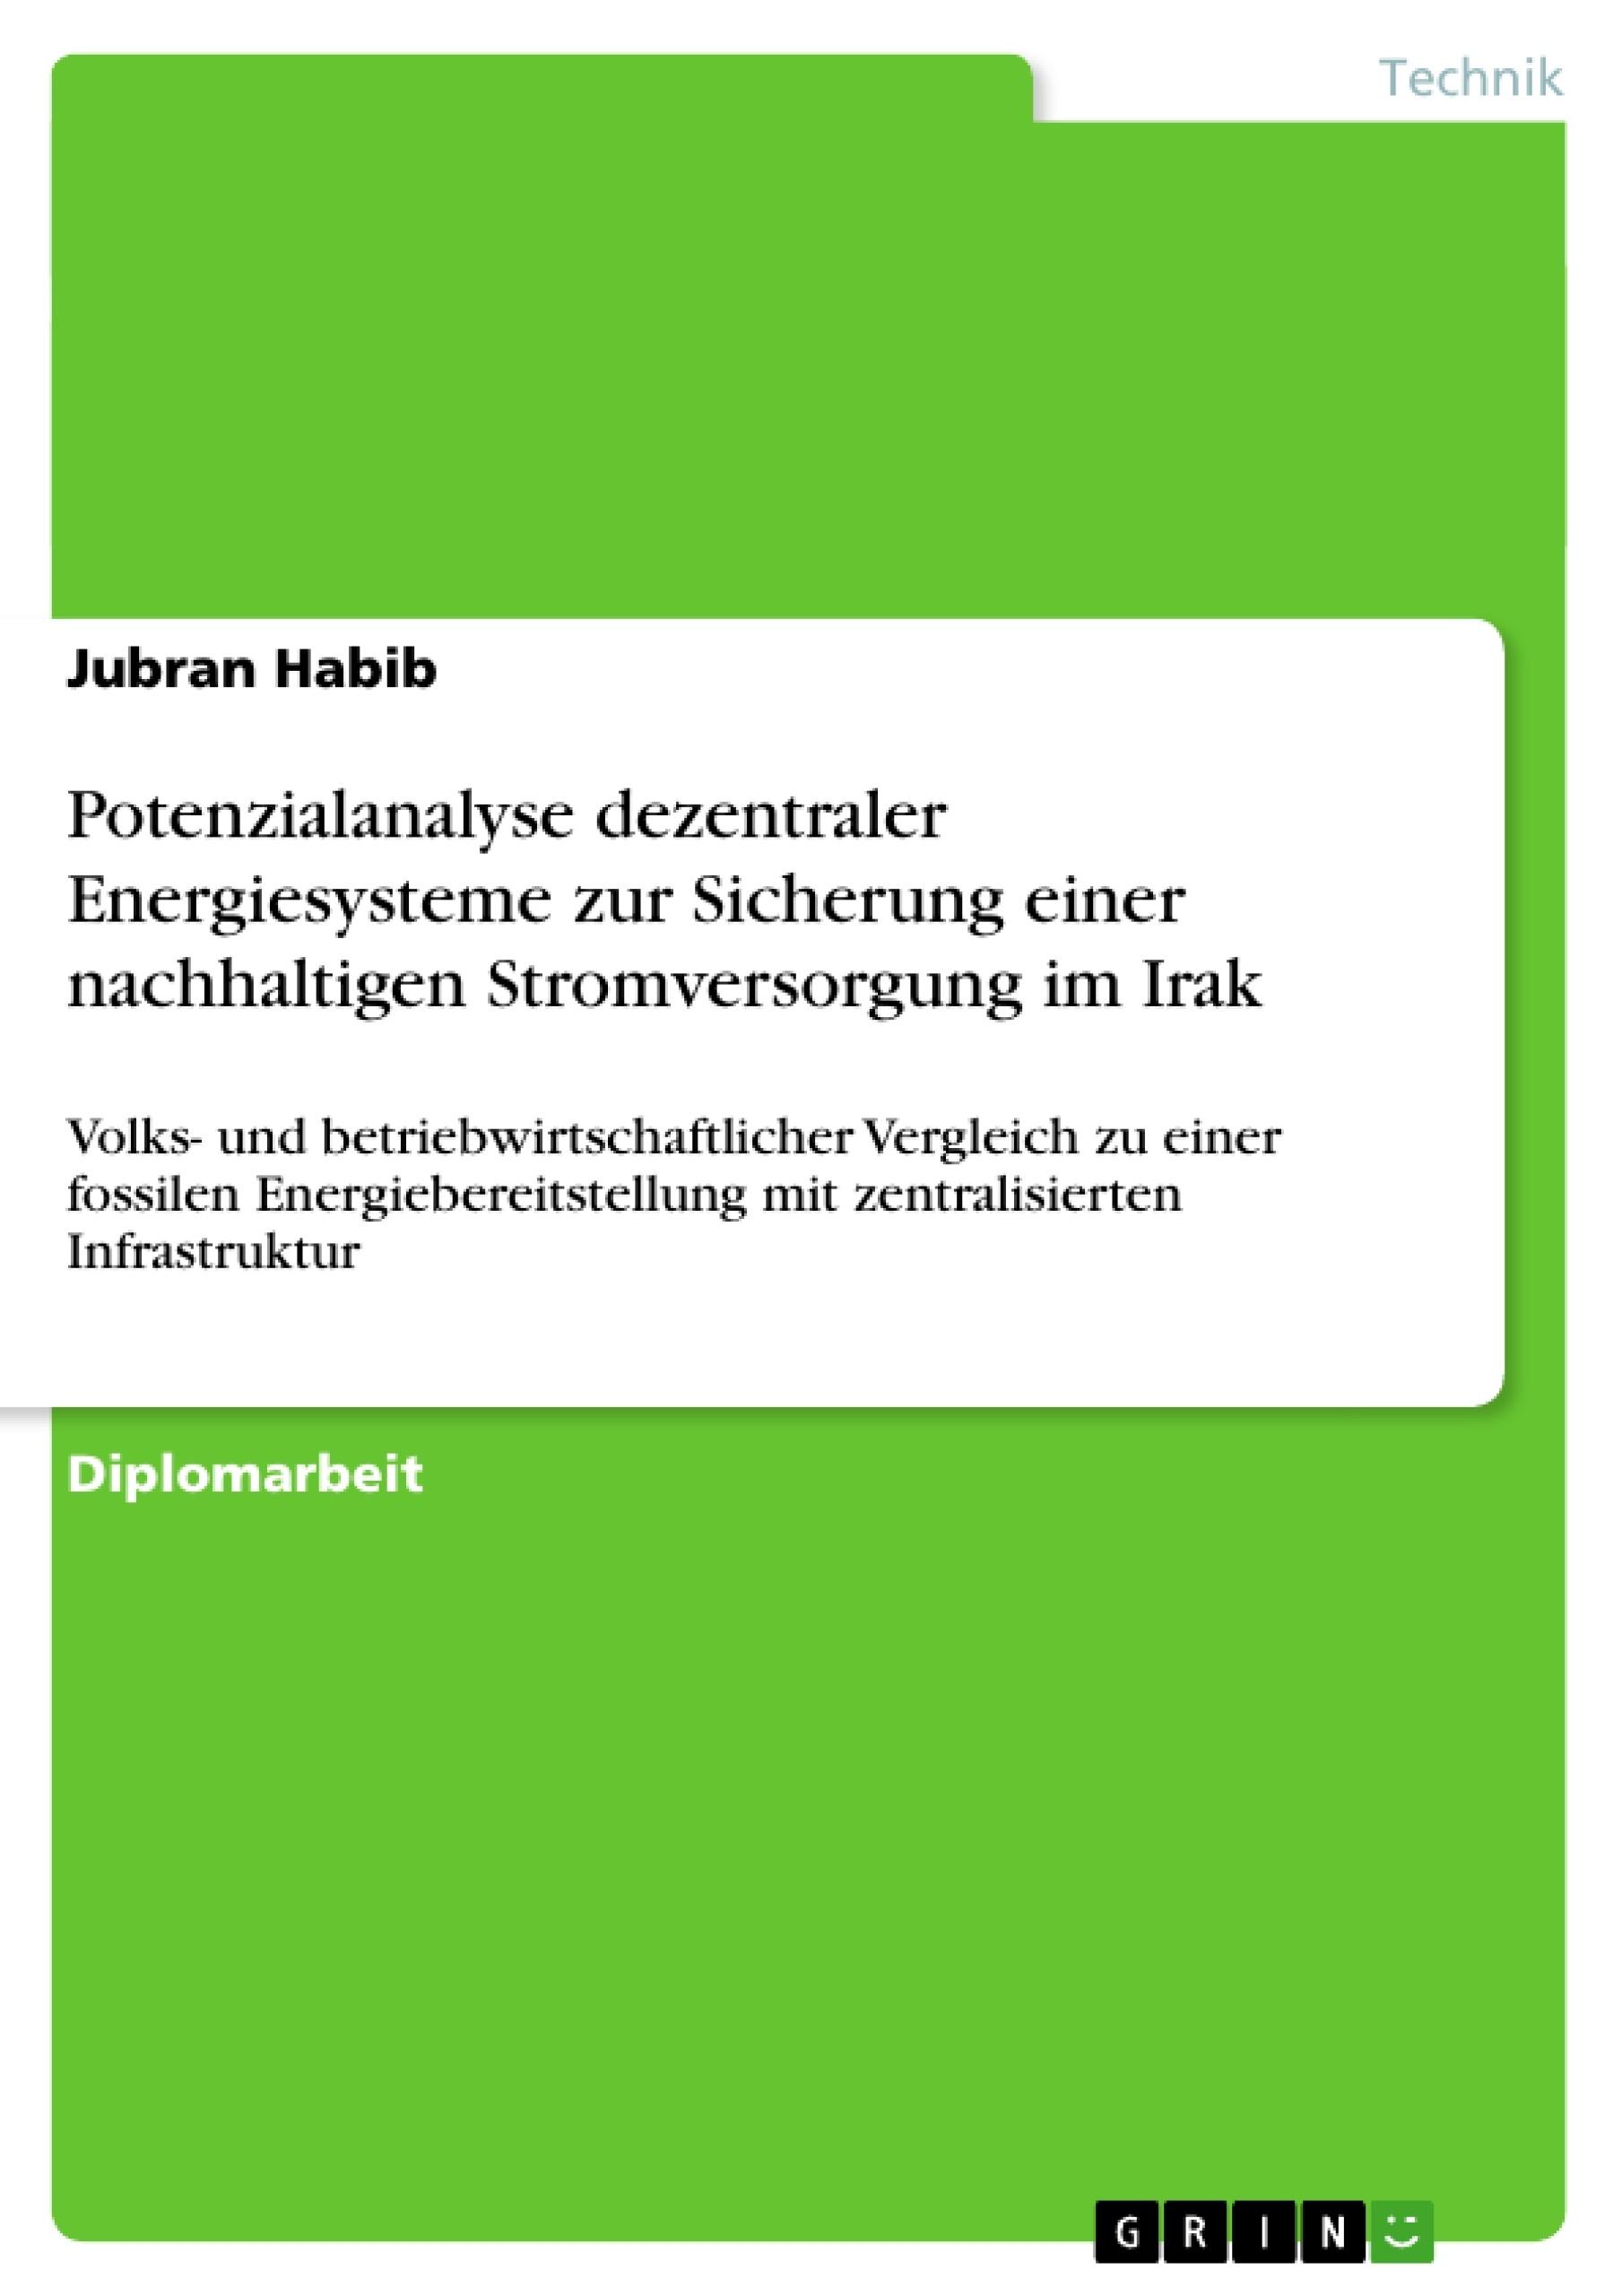 Titel: Potenzialanalyse dezentraler Energiesysteme zur Sicherung einer nachhaltigen Stromversorgung im Irak